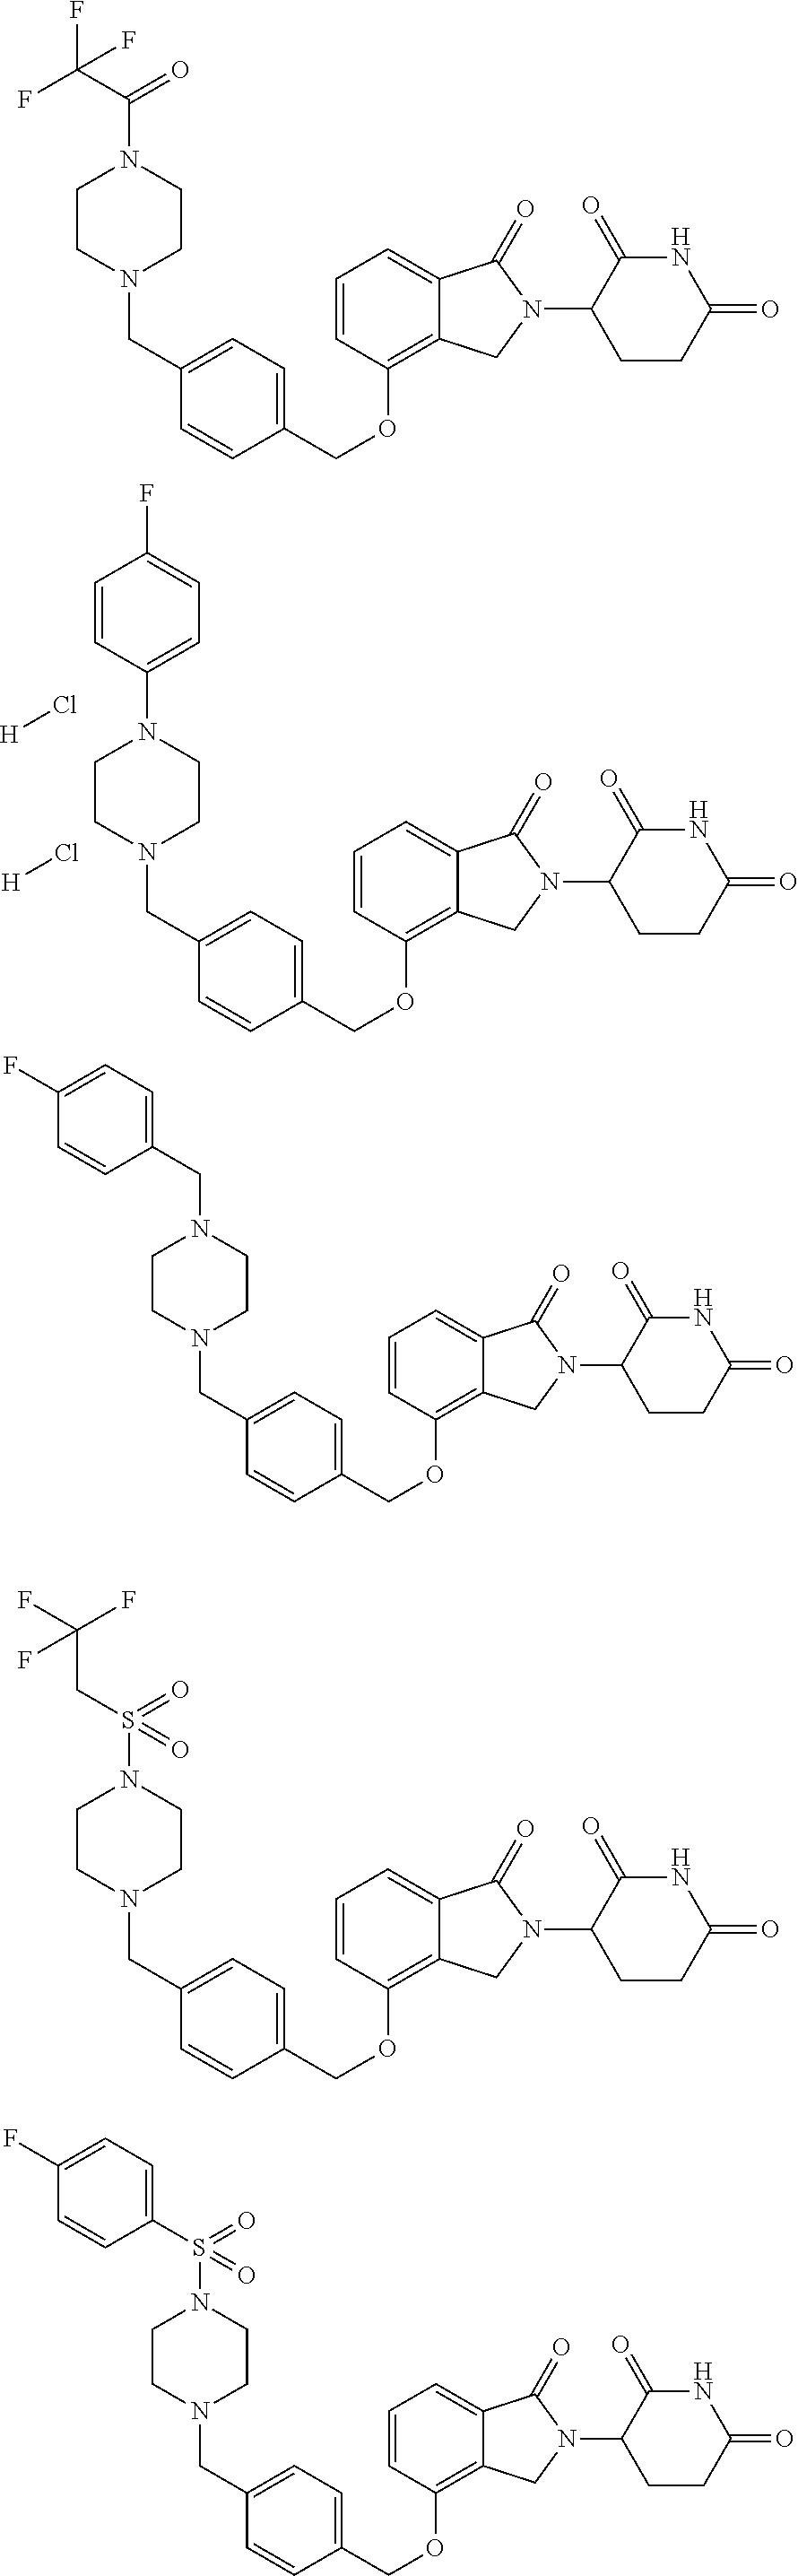 Figure US09822094-20171121-C00048